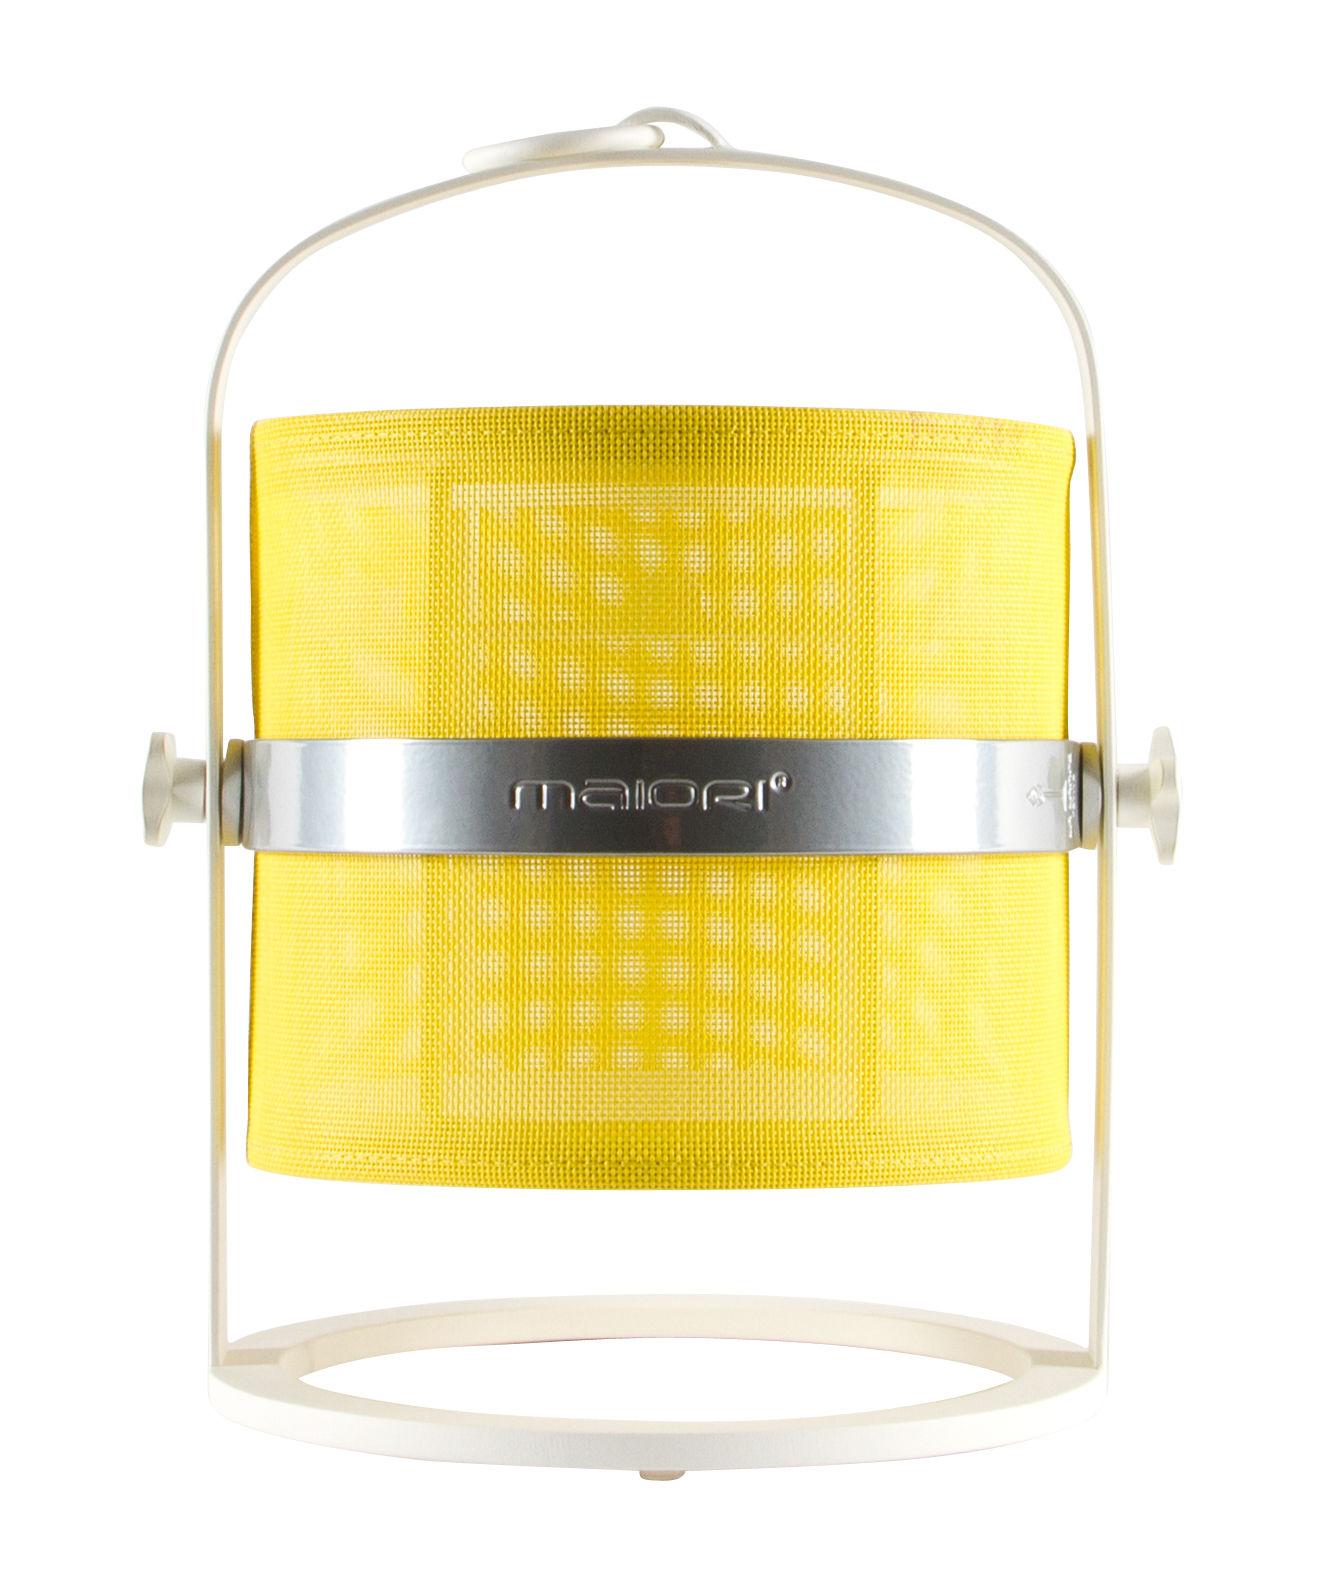 solarlampe la lampe petite led von maiori wei gelb. Black Bedroom Furniture Sets. Home Design Ideas